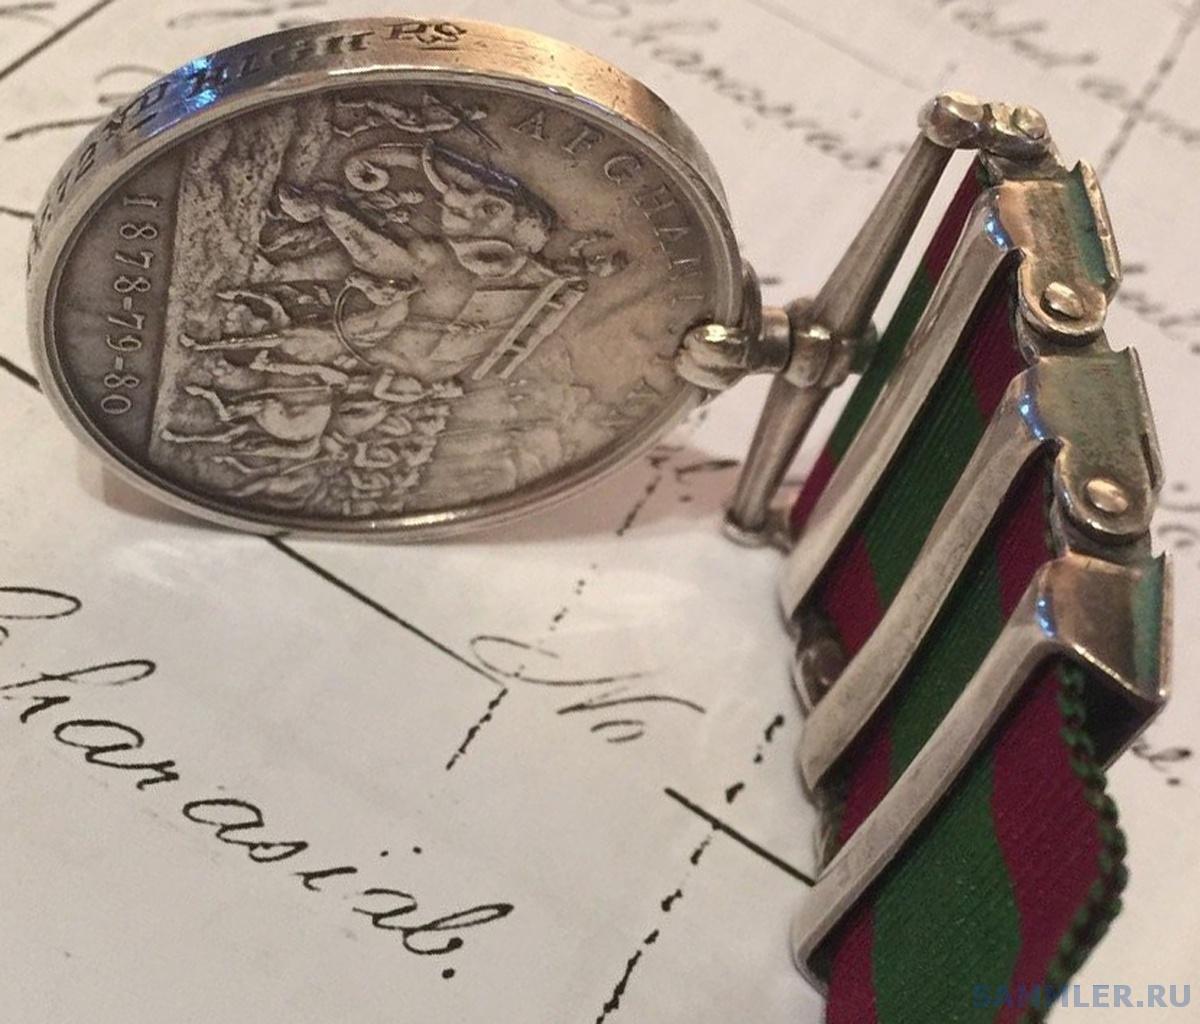 Afghanistan MedalSAM3.jpg